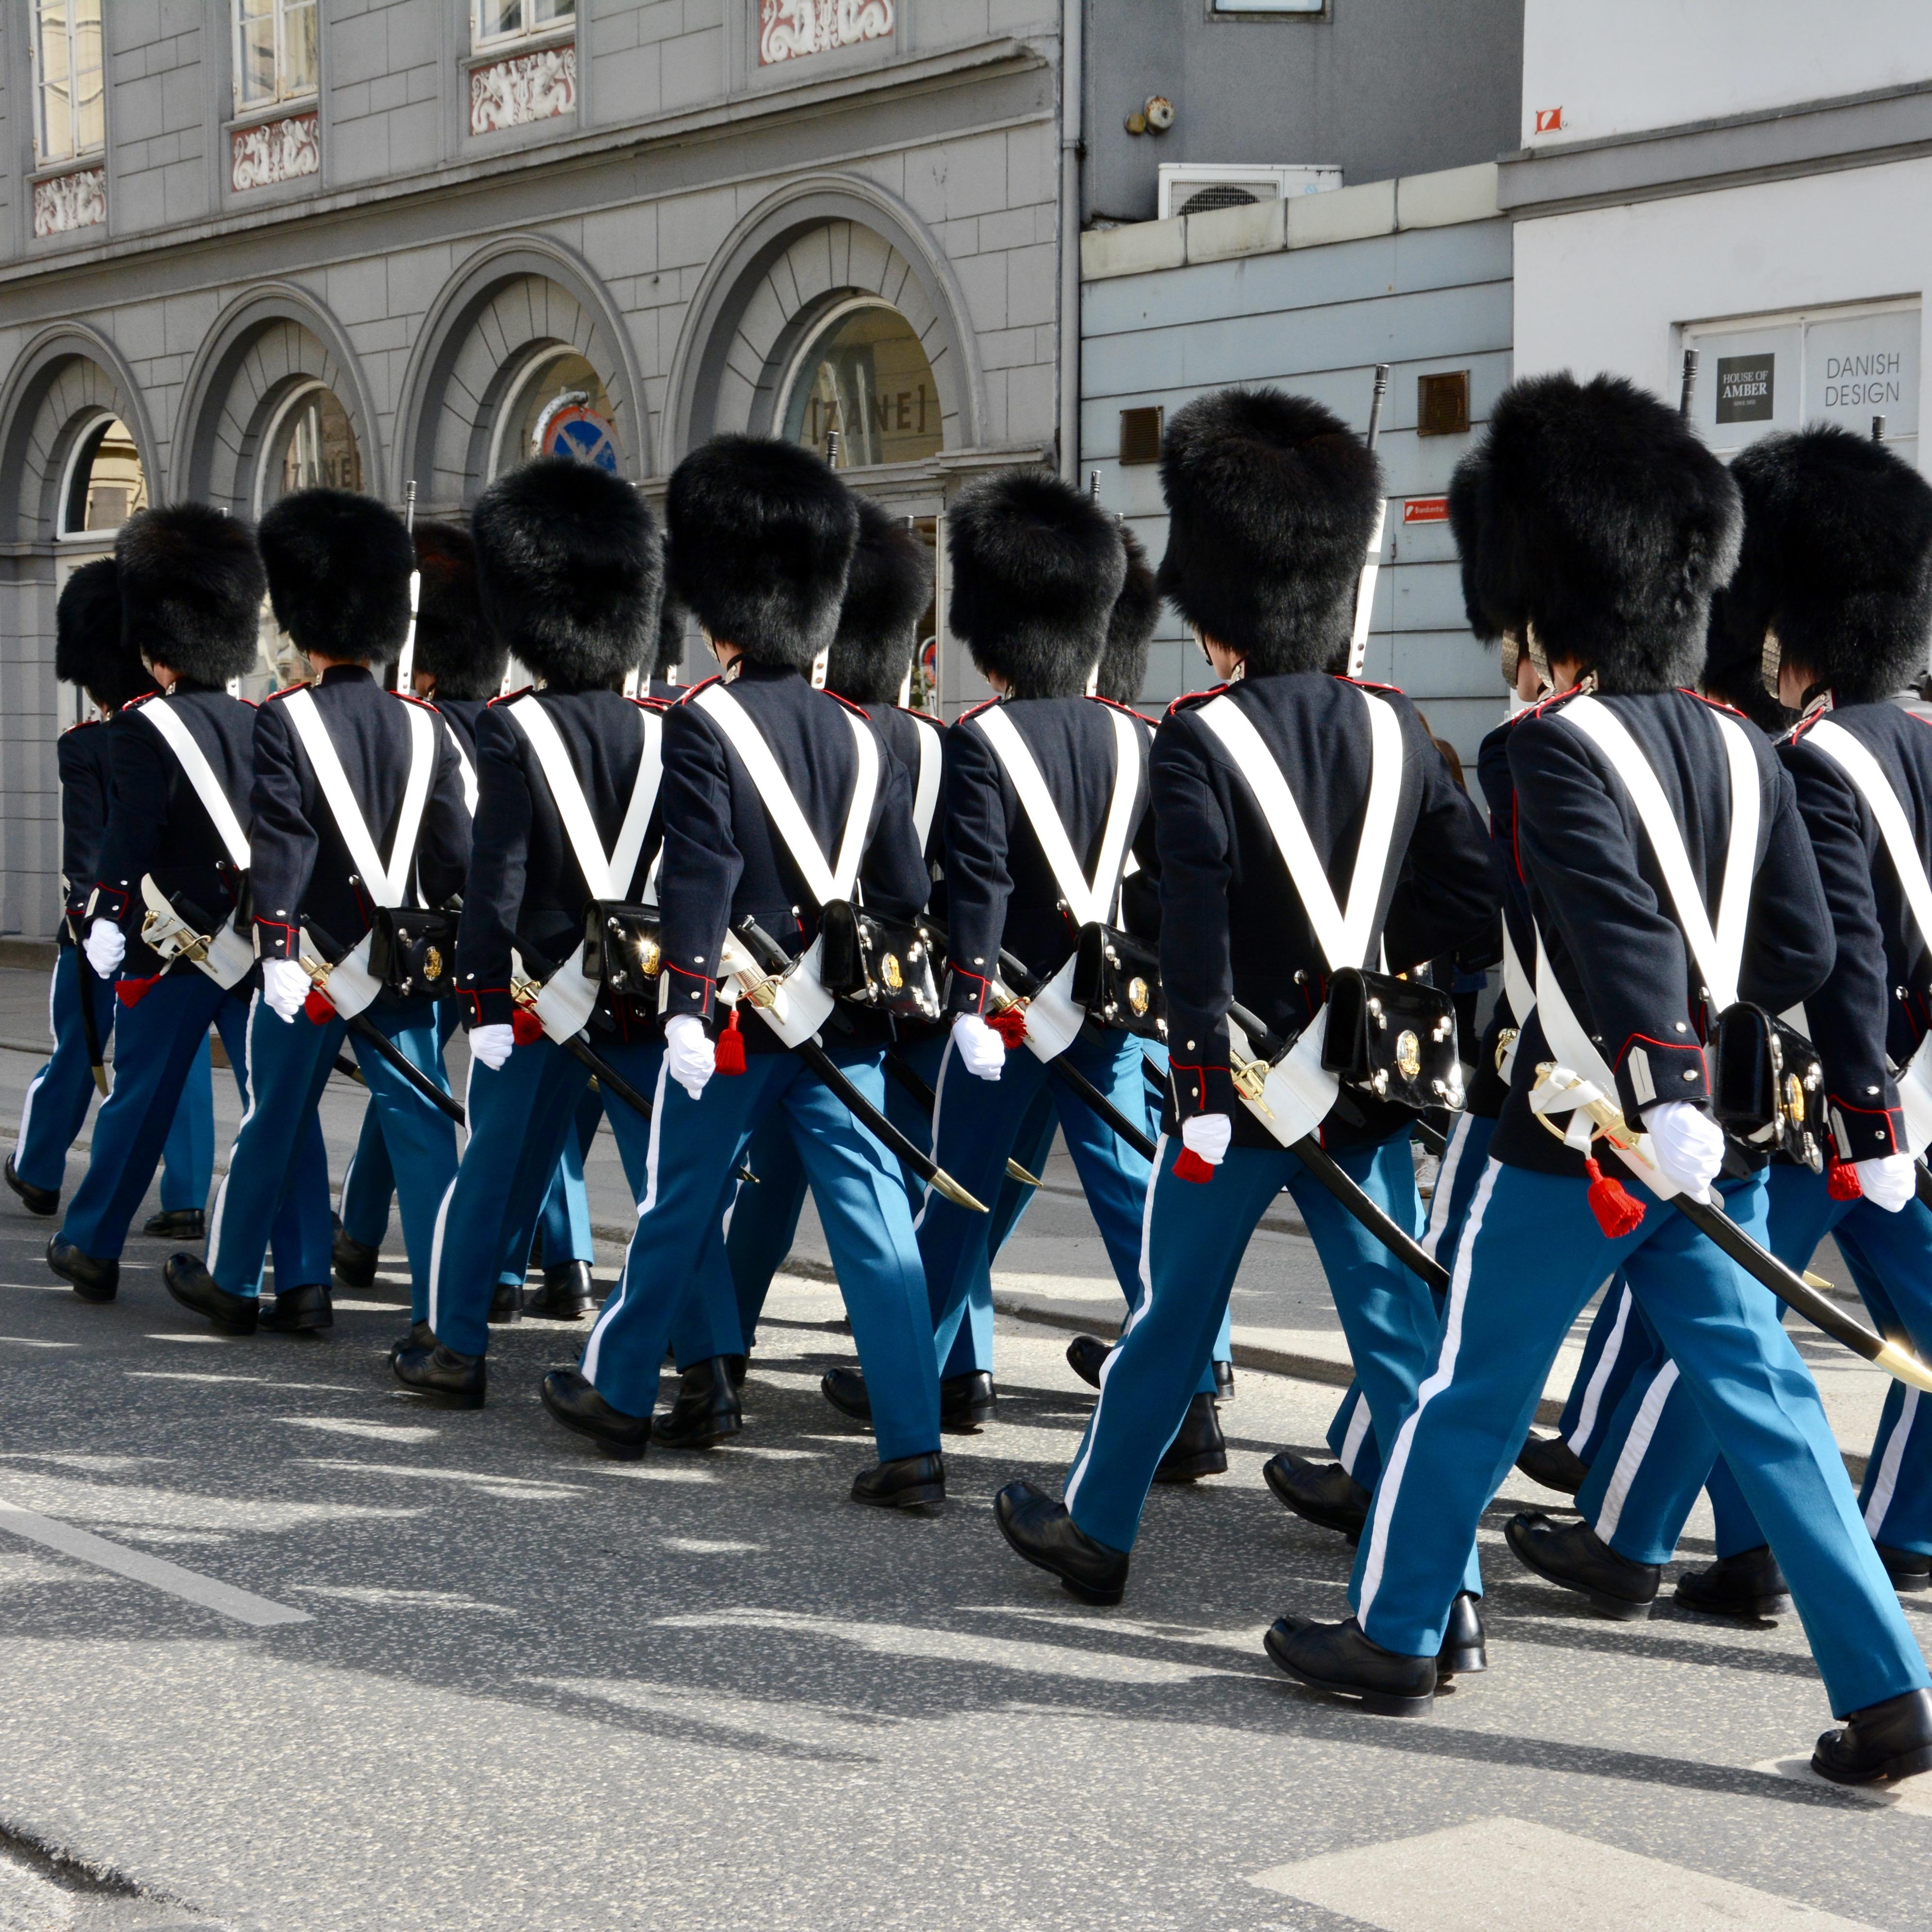 travel with kids children Copenhagen Denmark nyhavn royal guards